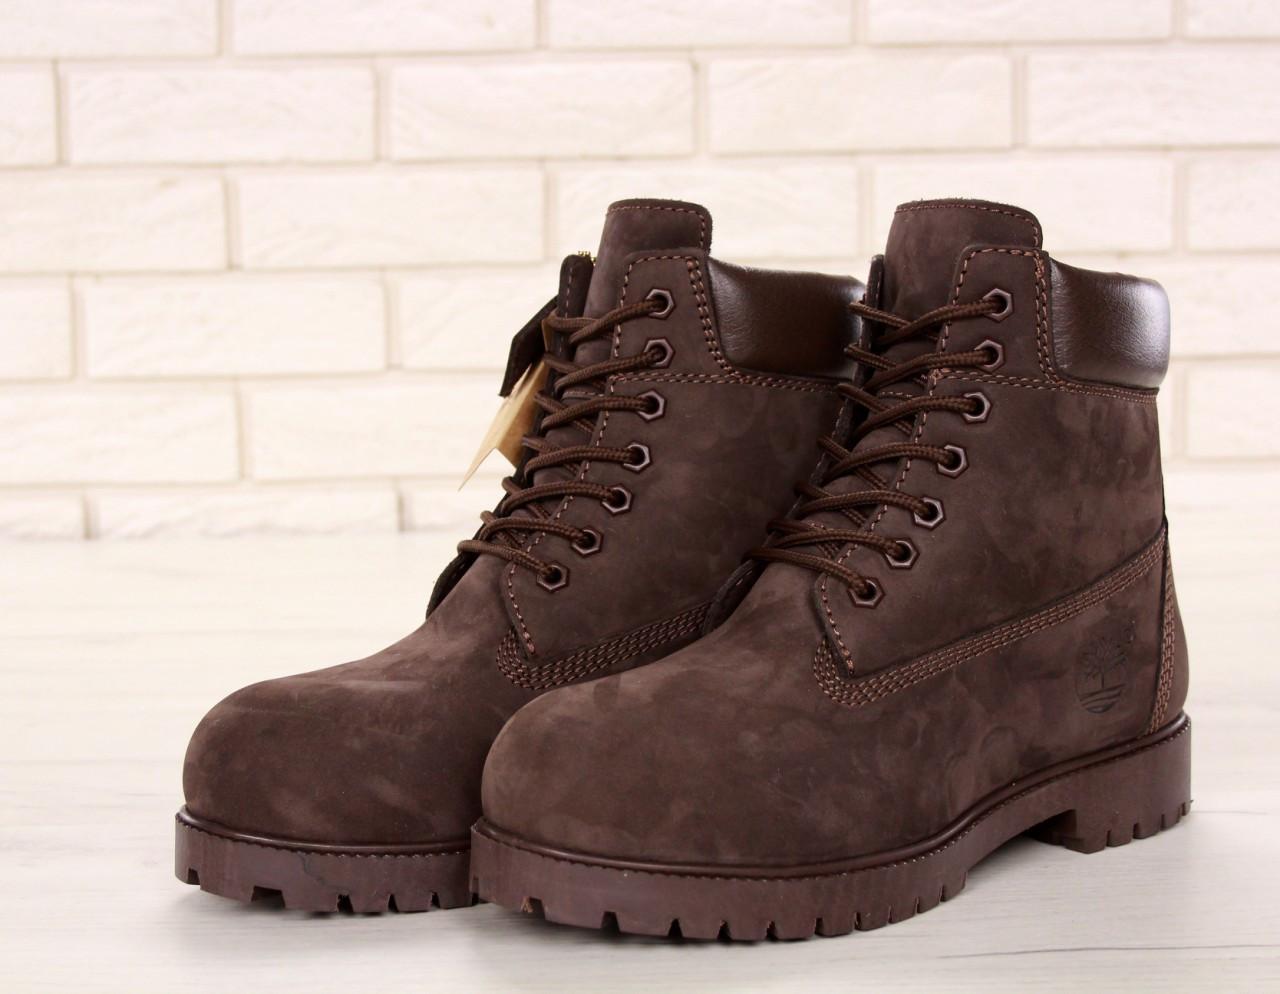 Зимние ботинки Timberland olive dark, мужские ботинки с искусственным мехом. ТОП Реплика ААА класса.